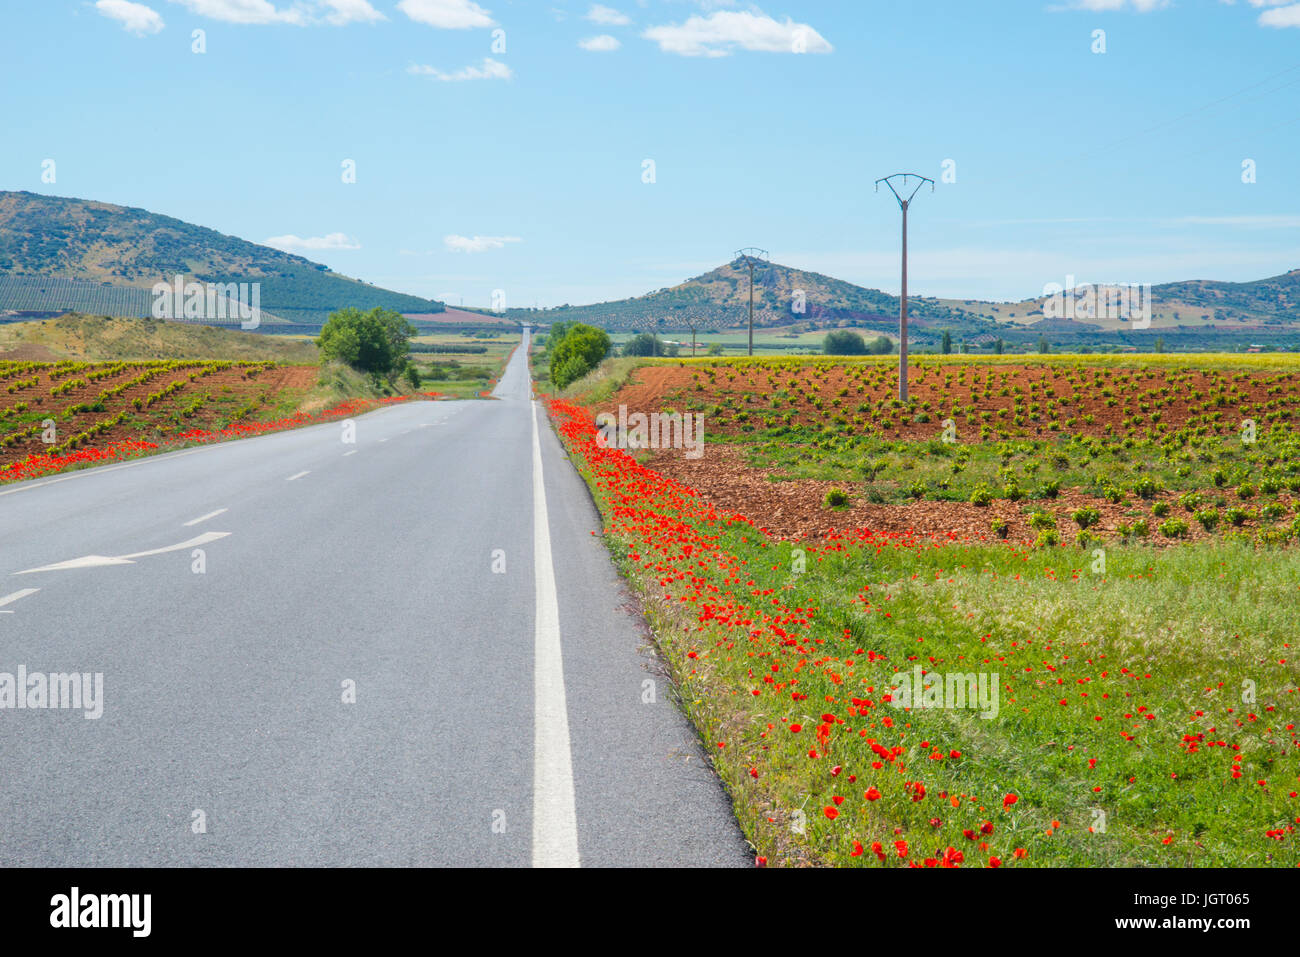 Side road and cultivation field. Fuente el Fresno, Ciudad Real province, Castilla La Mancha, Spain. Stock Photo